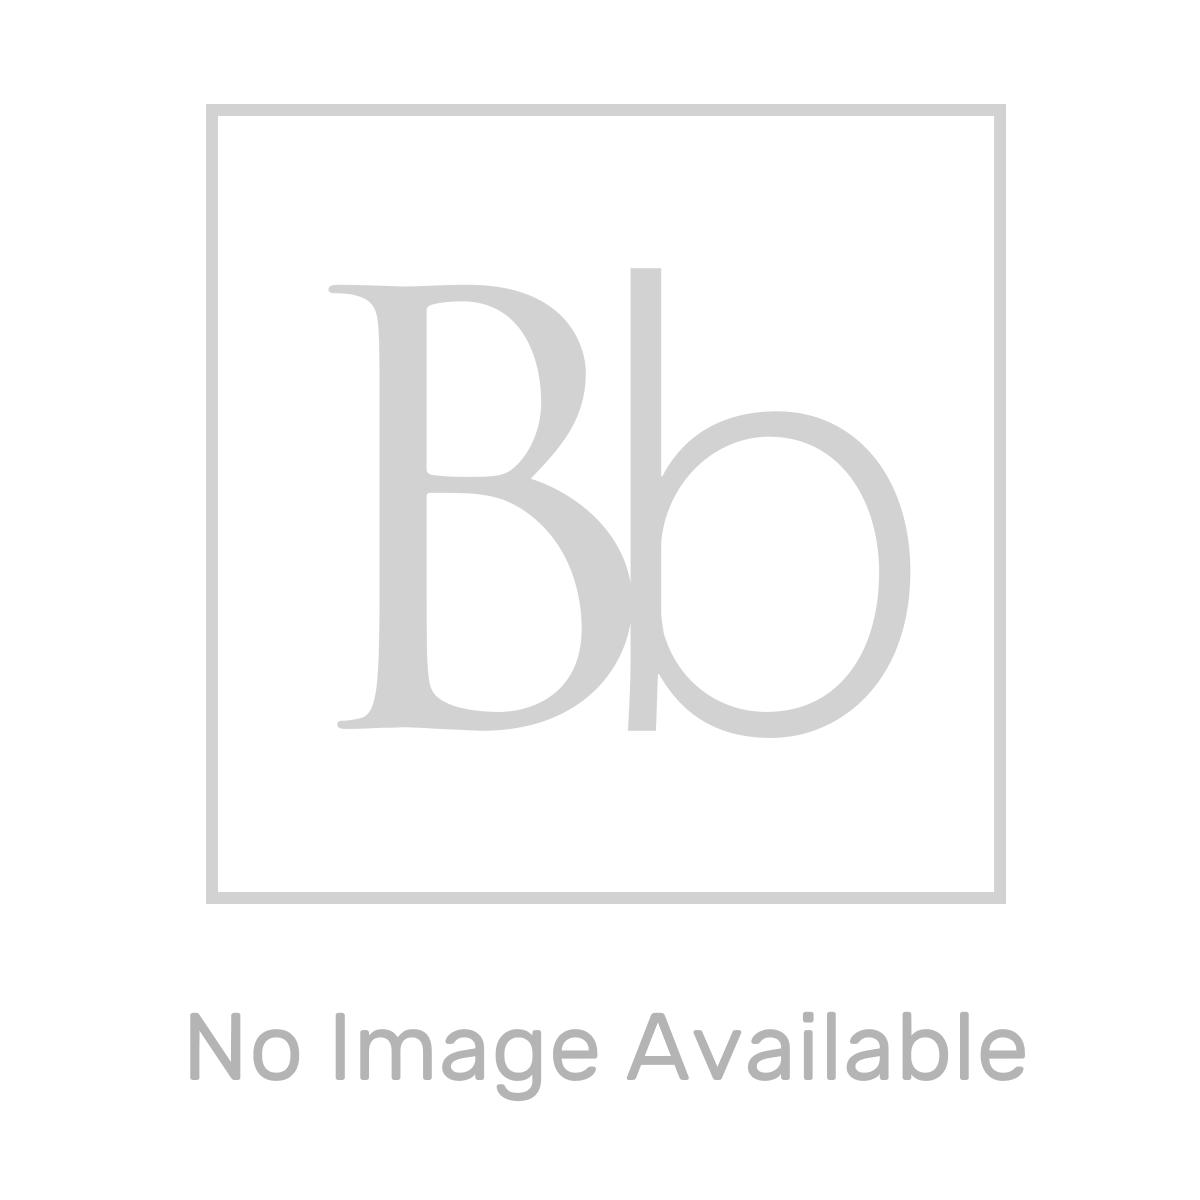 Stuart Side Entry Flange Diagram